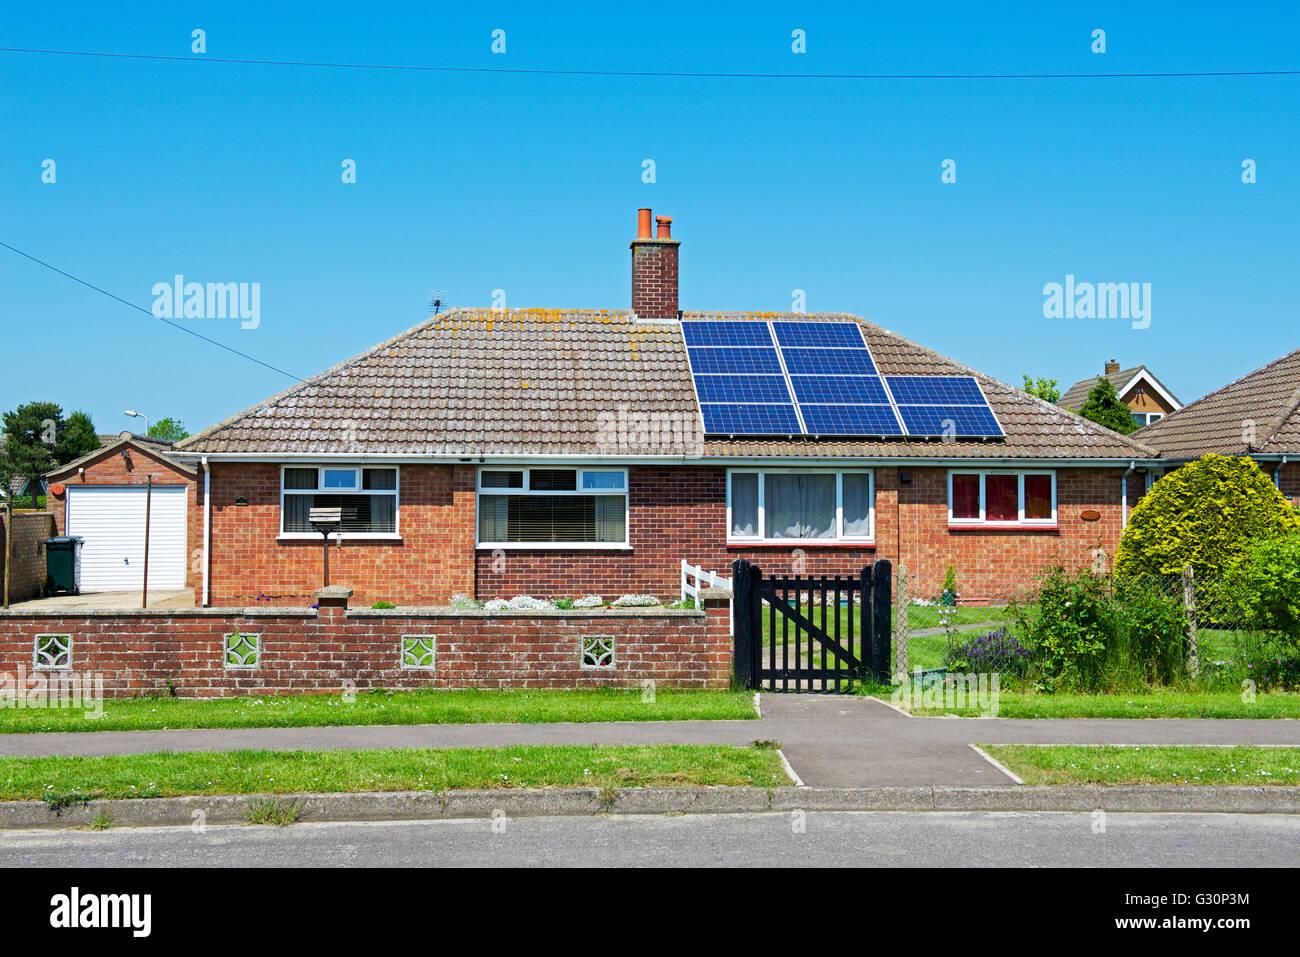 Bungalow adosado, la mitad del techo con paneles solares, la mitad sin, Inglaterra Imagen De Stock